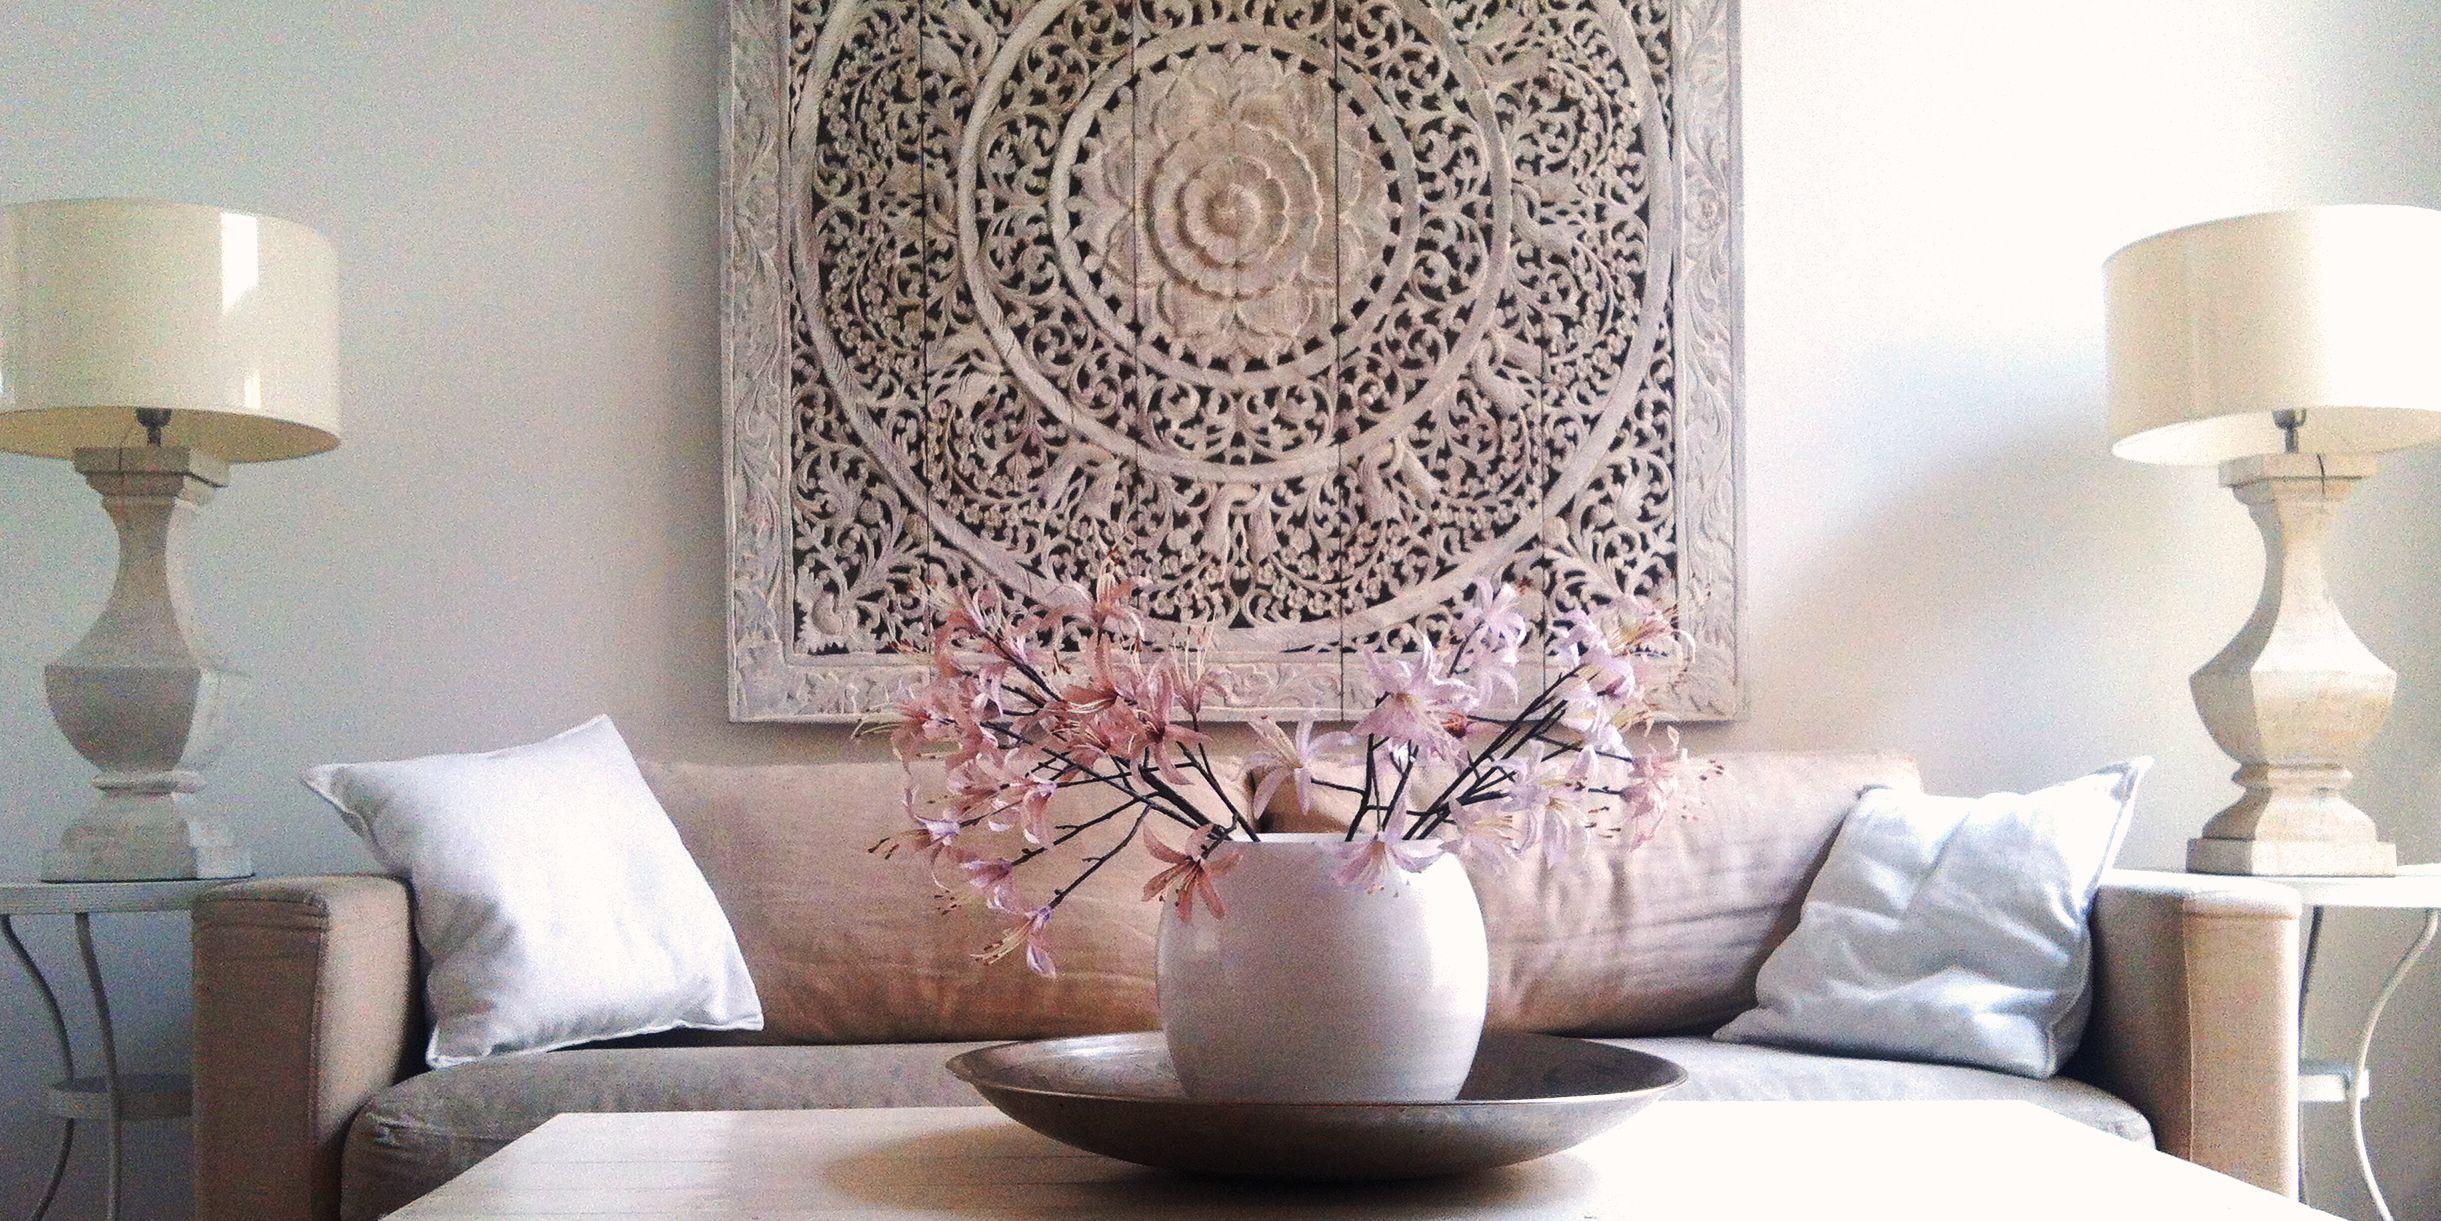 SIMPLY PURE Houtsnijwerk wandpanelen, houten panelen, houten tafeltjes, vloervazen, hanglampen, wikkelarmbanden. | Thuisdecoratie, Decoraties, Wandpanelen